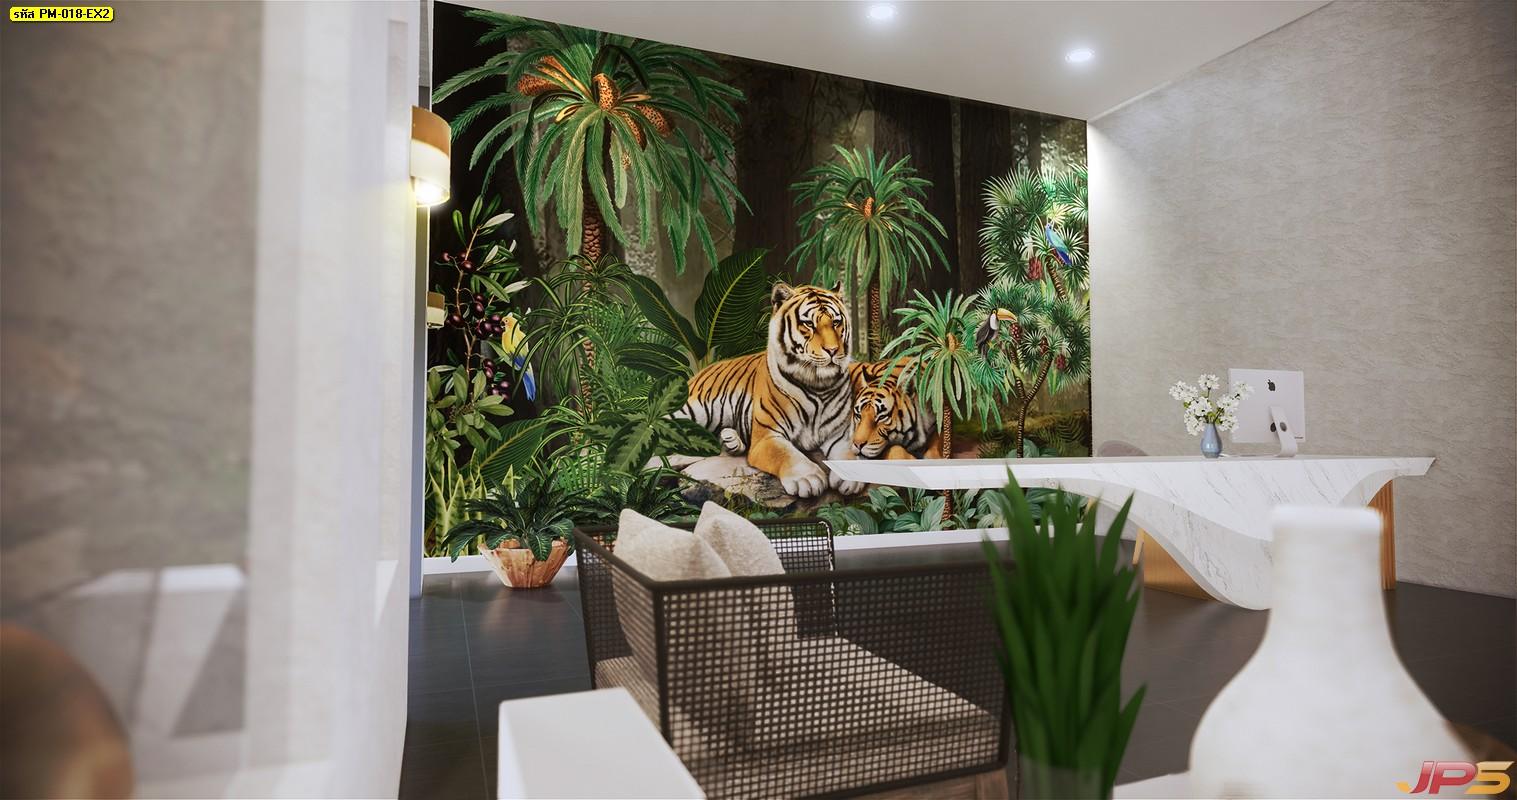 ปริ้นรูปผ้าแคนวาส ลายเสือคู่ในสวนป่าสีเขียว